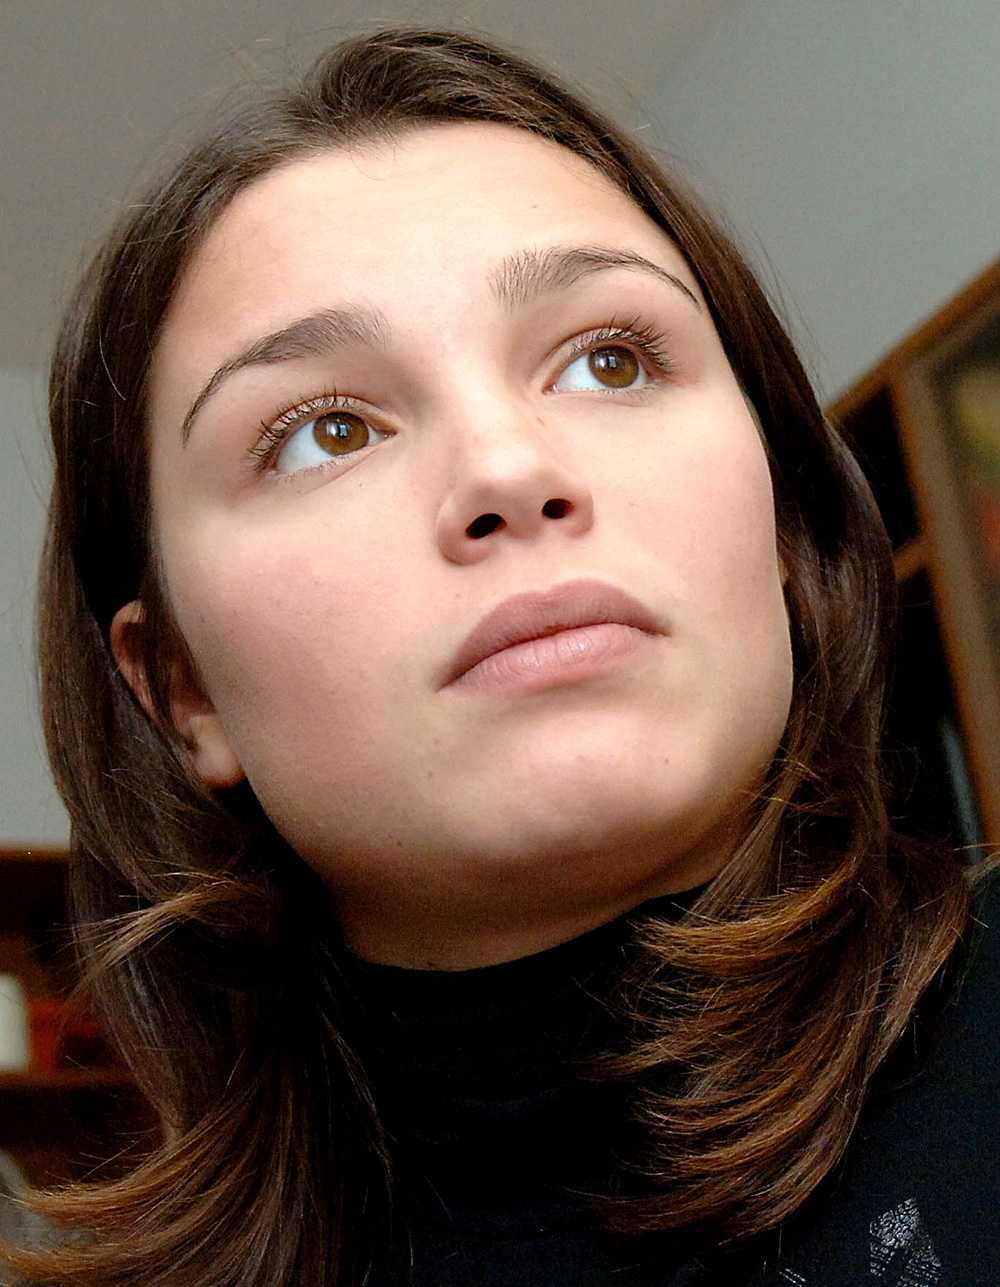 Zhanna Nemtsova är övertygad om att Putin ligger bakom mordet på hennes far.